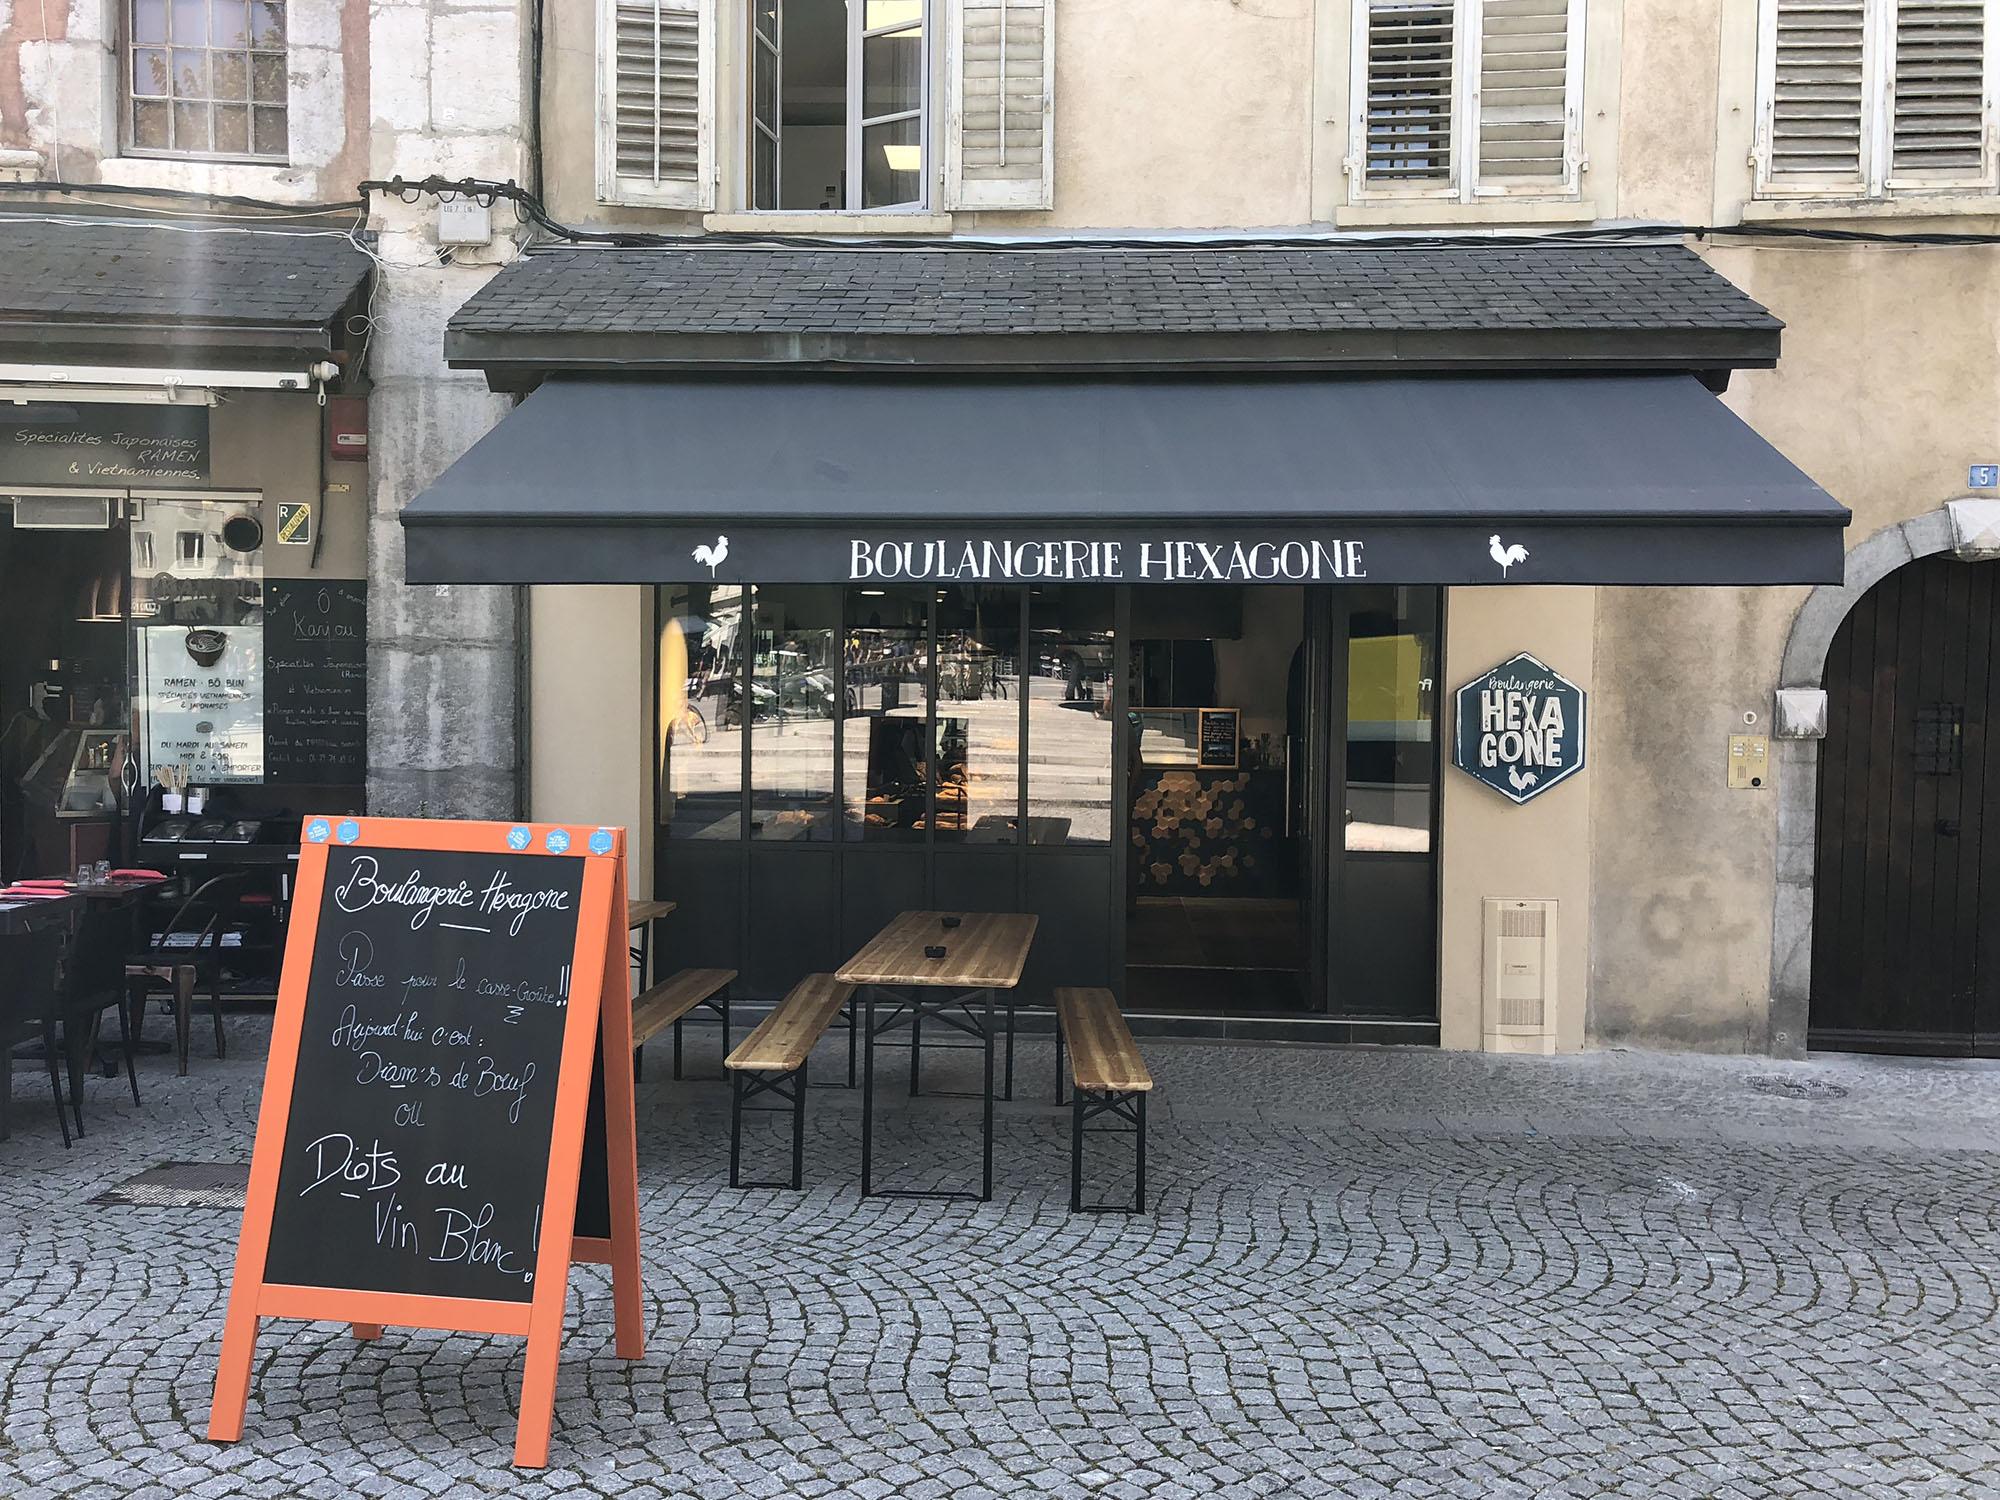 Boulangerie Hexagone